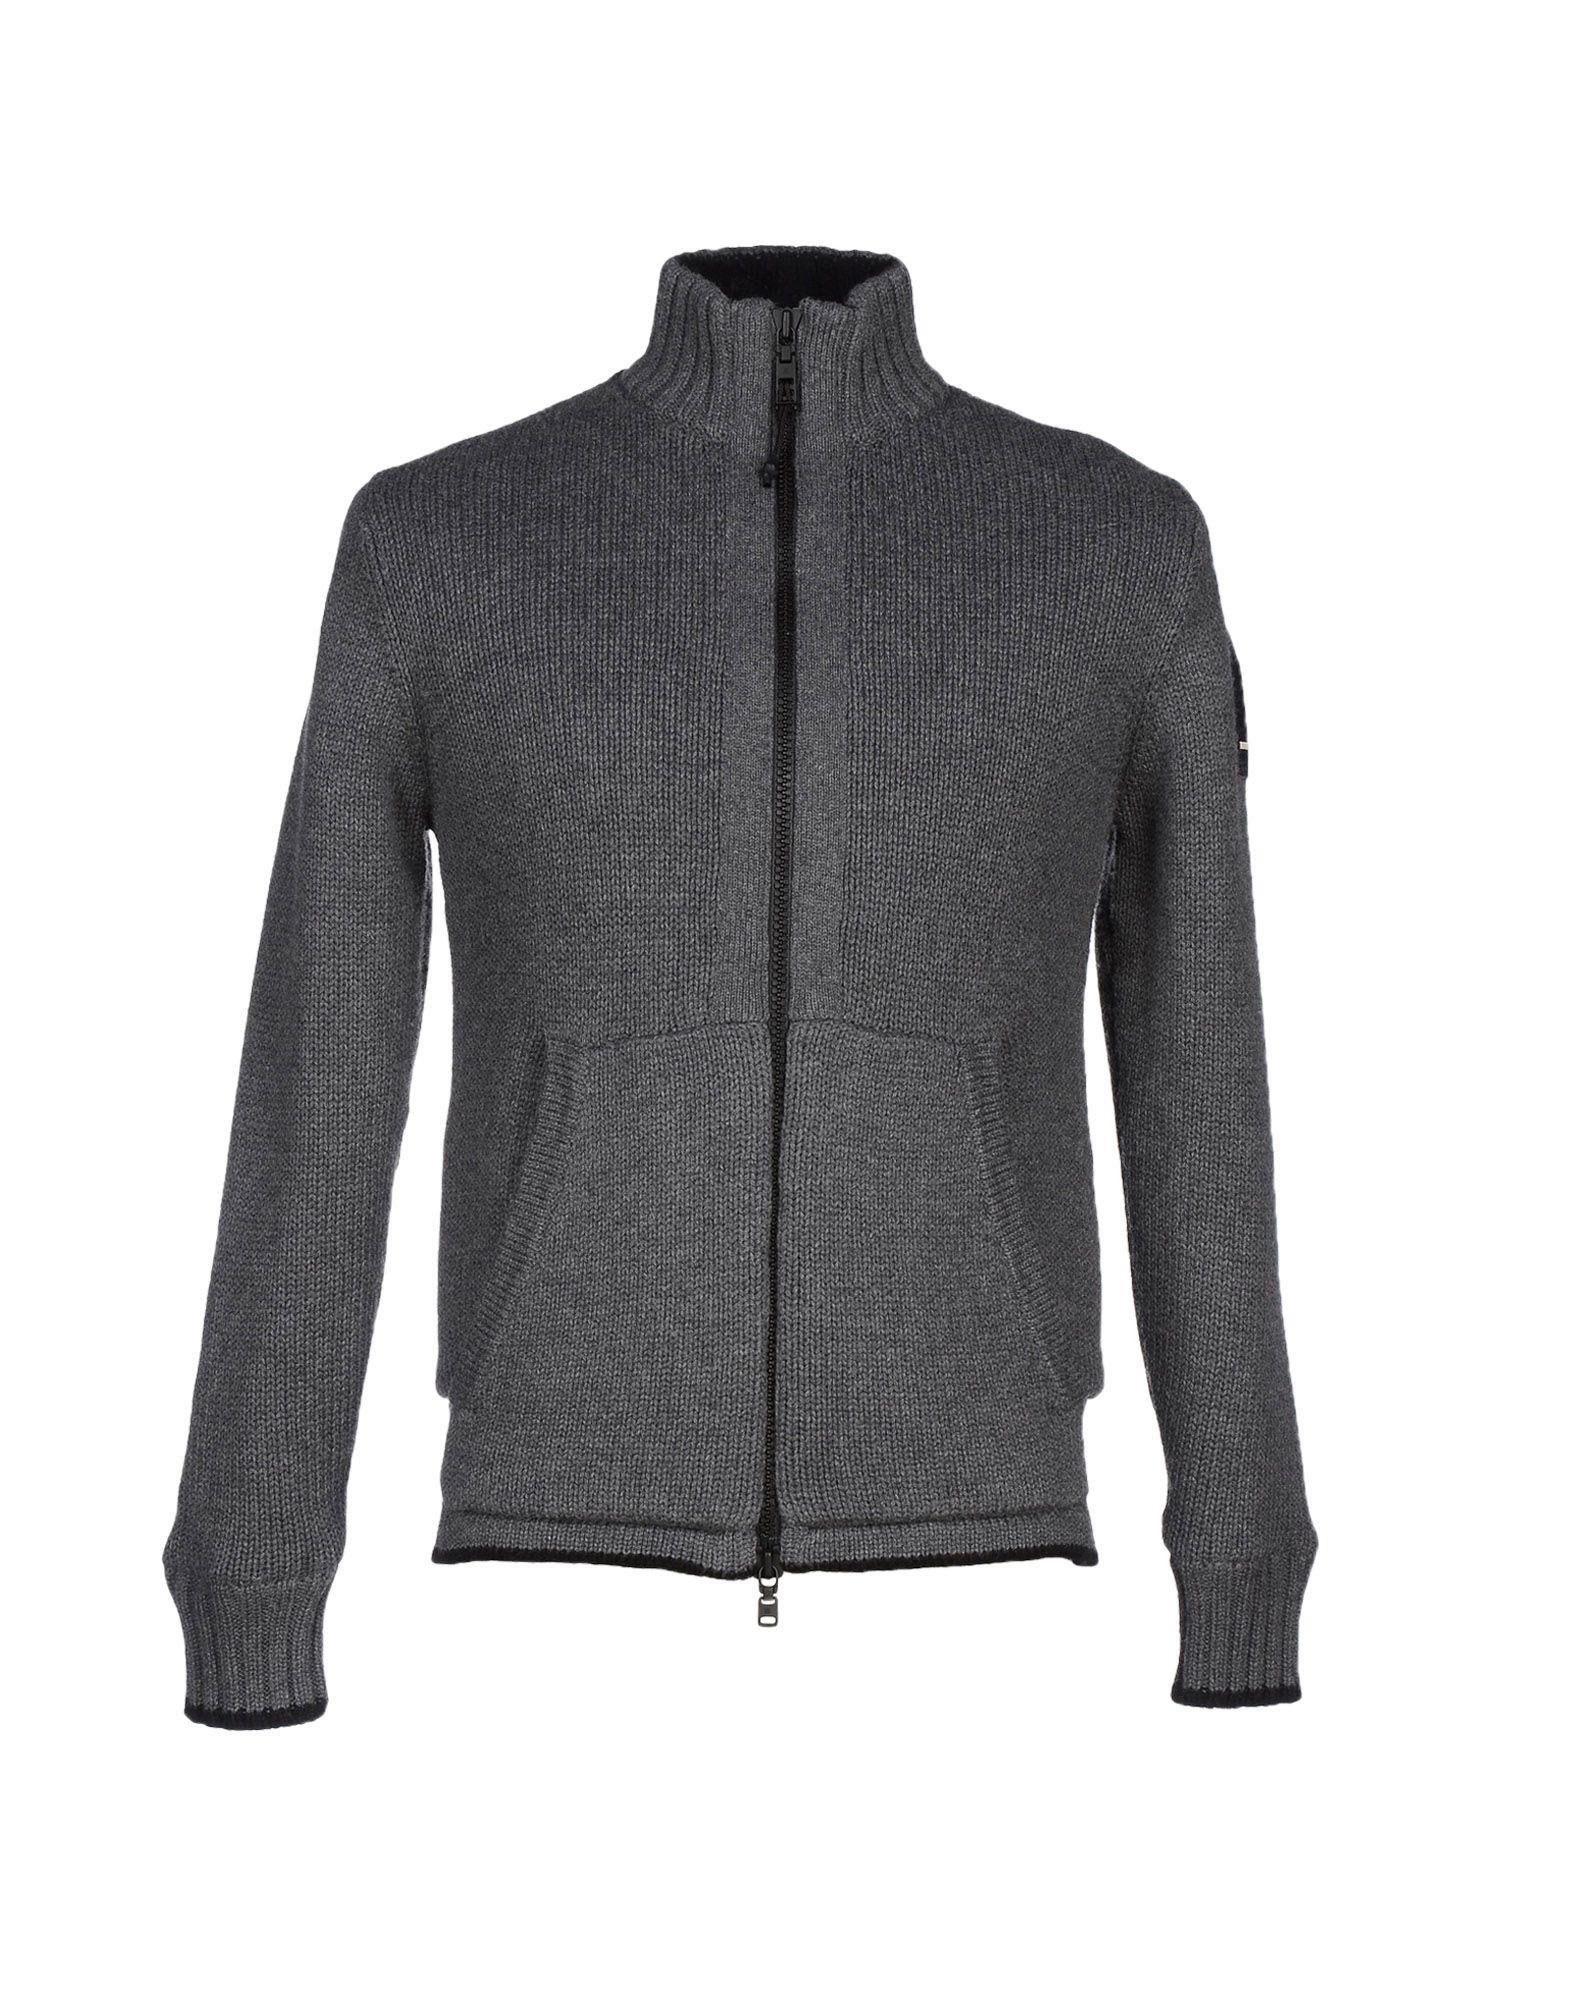 lyst north sails jacket in gray for men. Black Bedroom Furniture Sets. Home Design Ideas